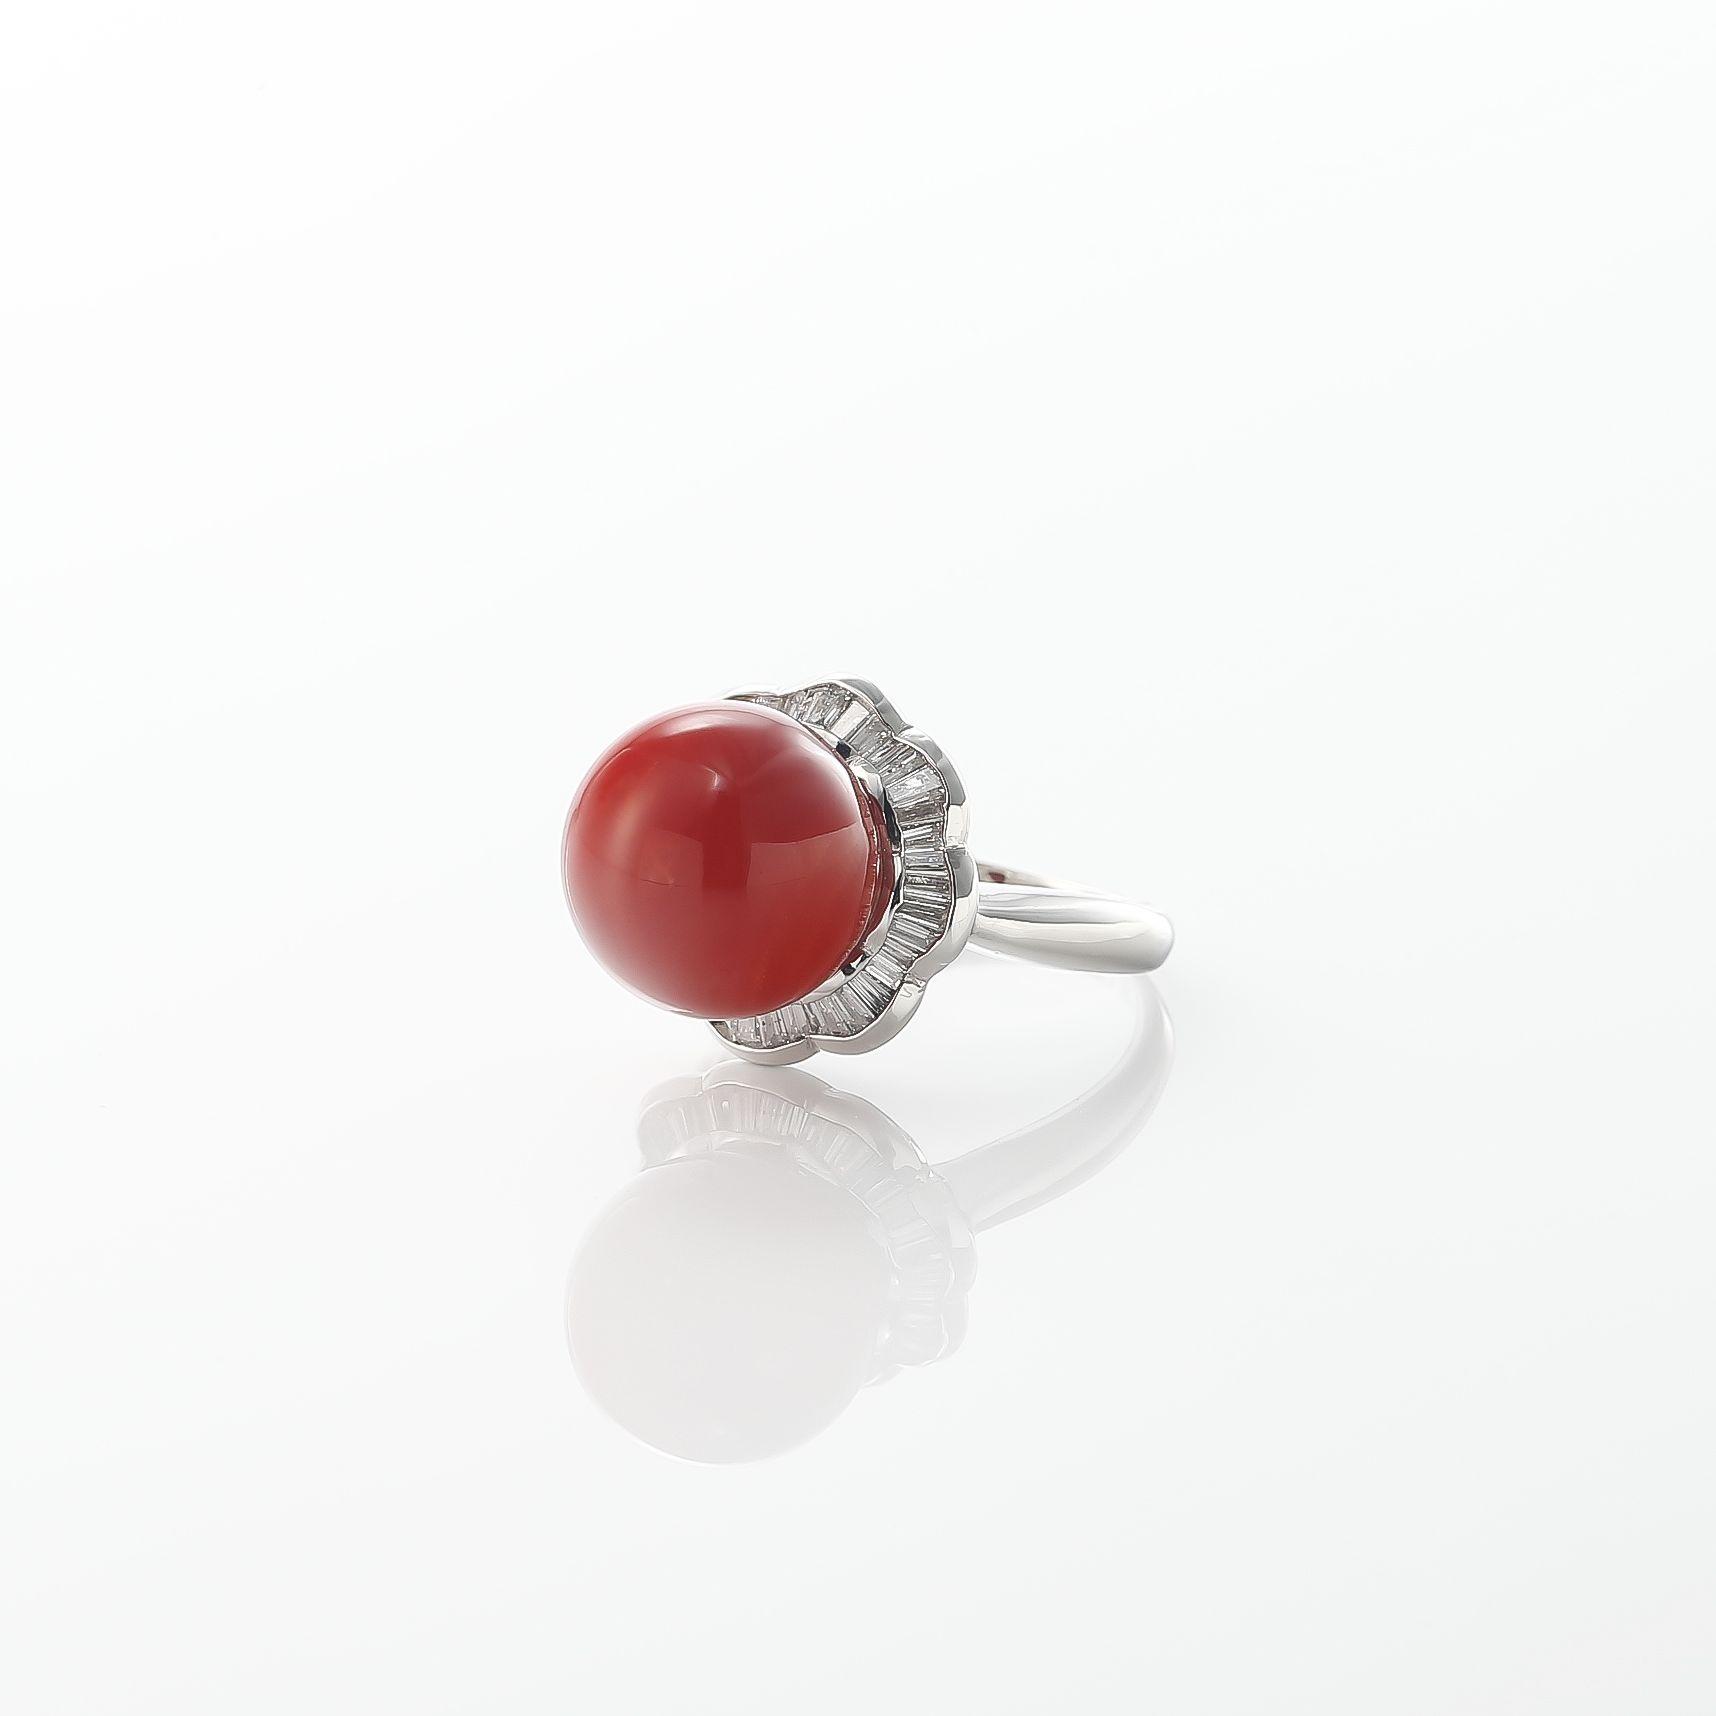 血赤珊瑚のリング 01